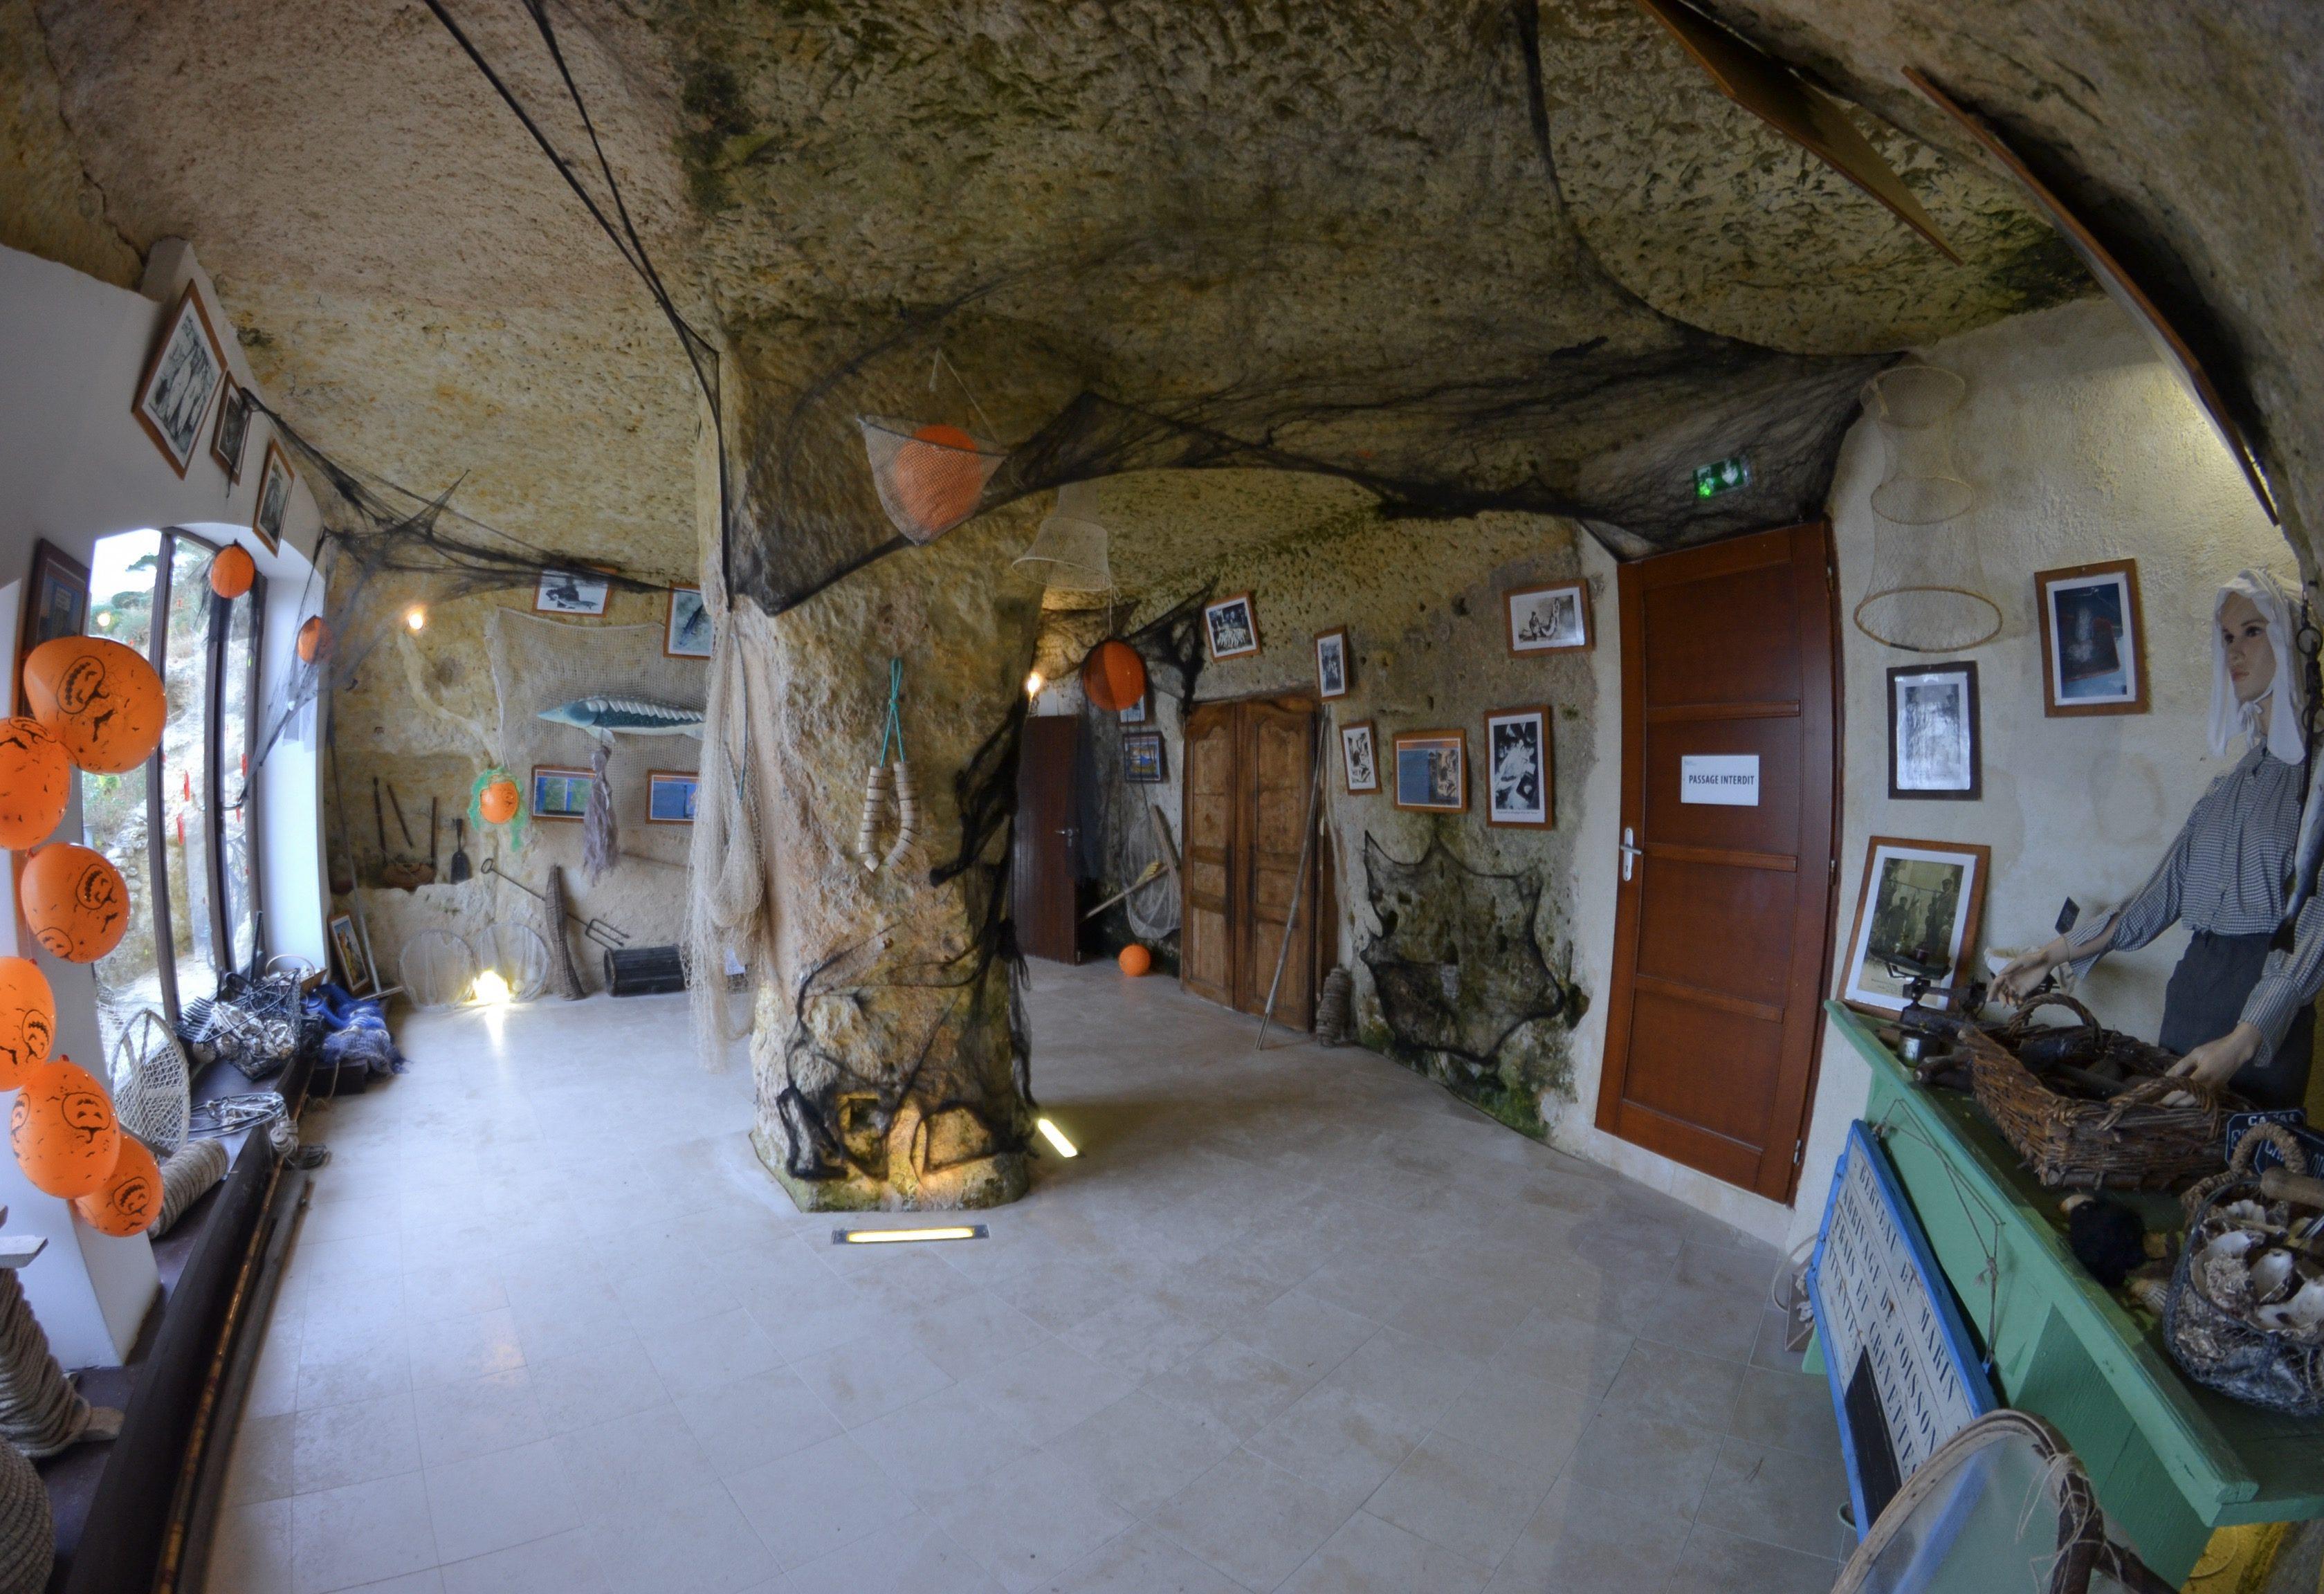 grottes-du-regulus-meschers-sur-gironde-grotte-troglodyte-royan-visite-grottes-decoration-halloween-les-ptits-touristes-blog-voyage